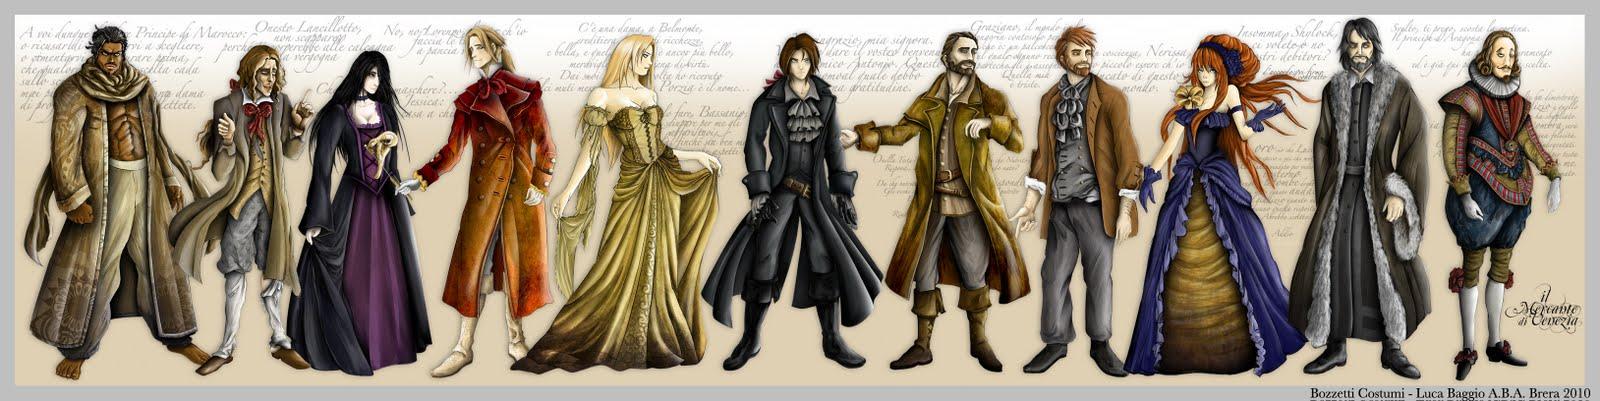 Risultati immagini per il mercante di venezia personaggi